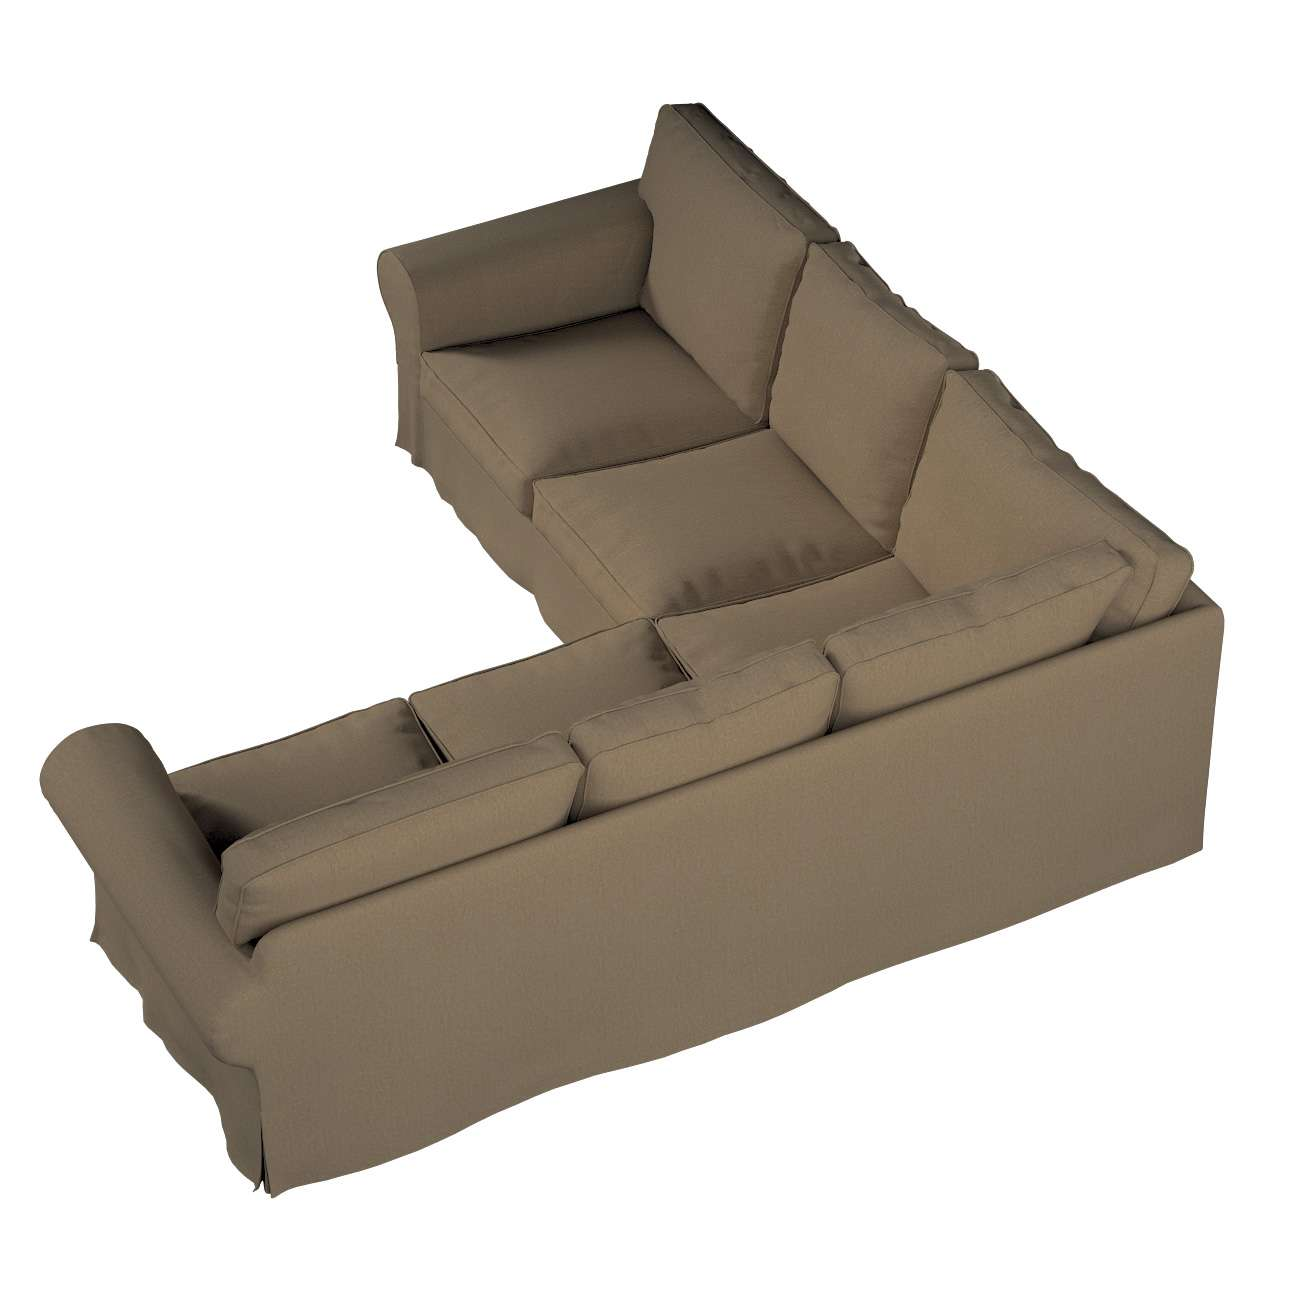 Pokrowiec Ektorp na sofę w kolekcji Chenille, tkanina: 702-21